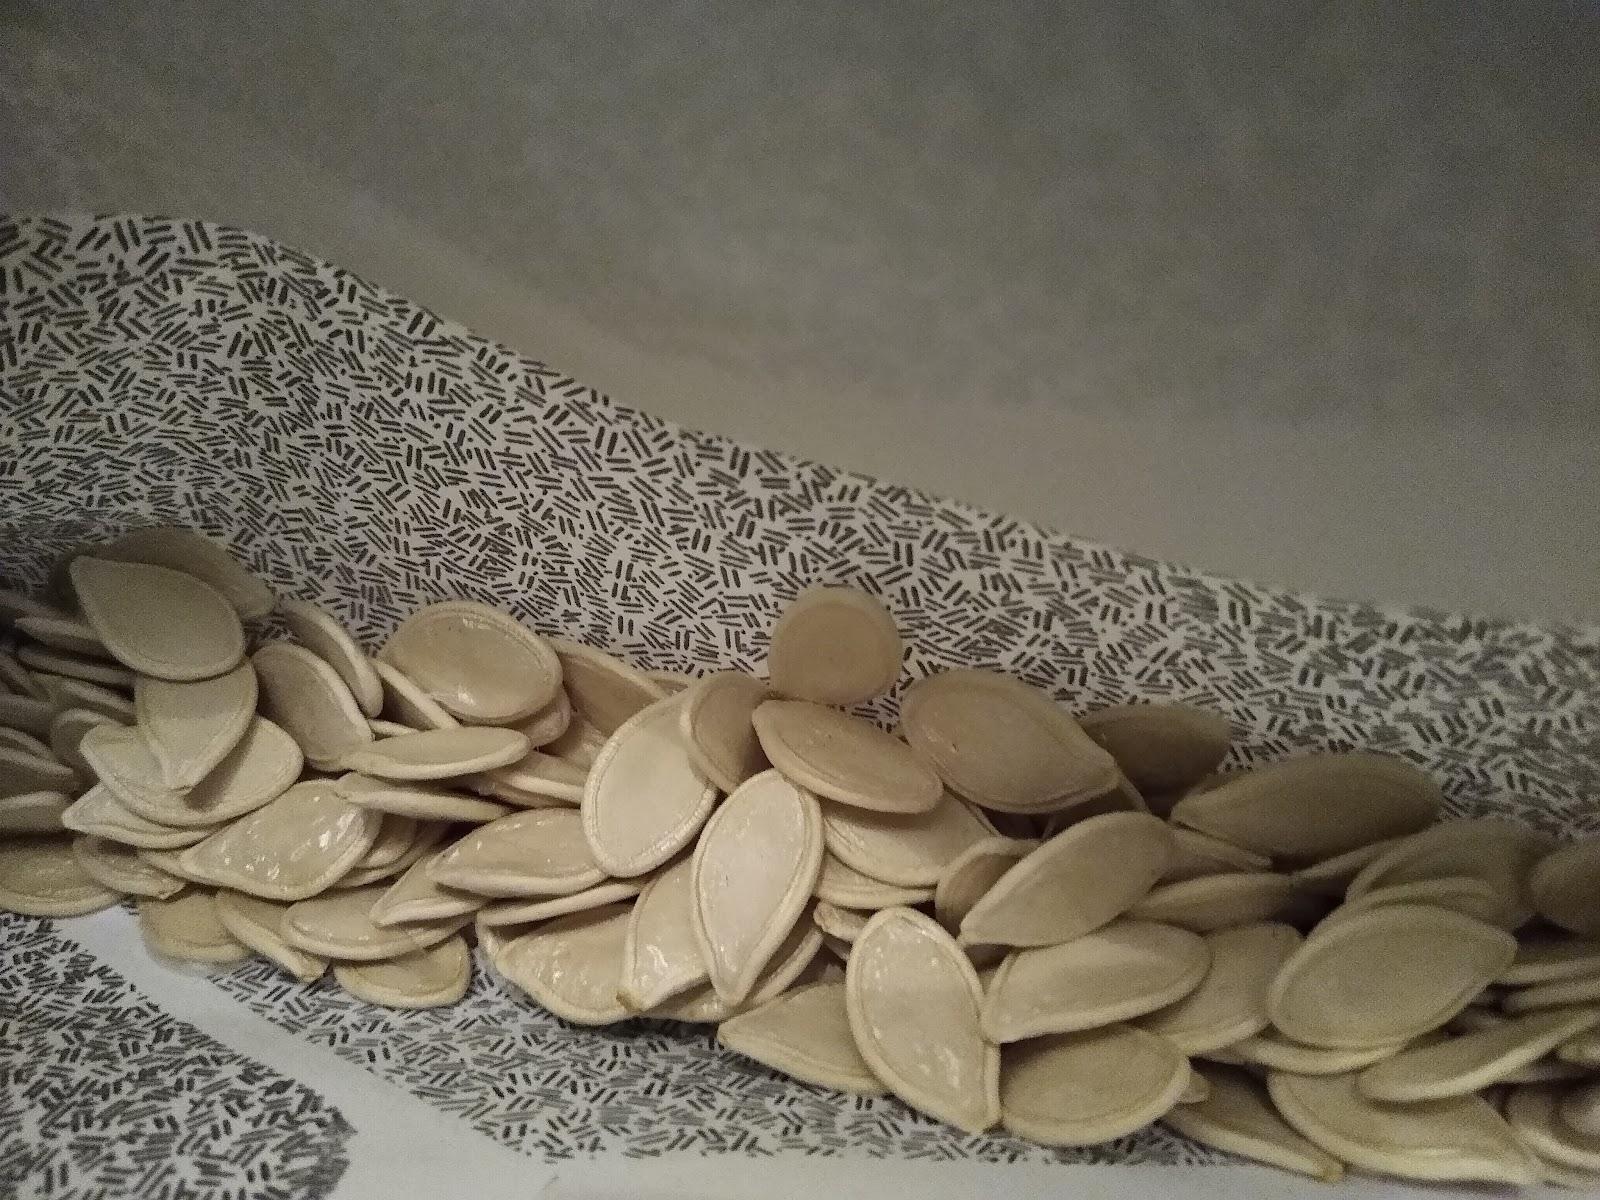 seeds in envelopes